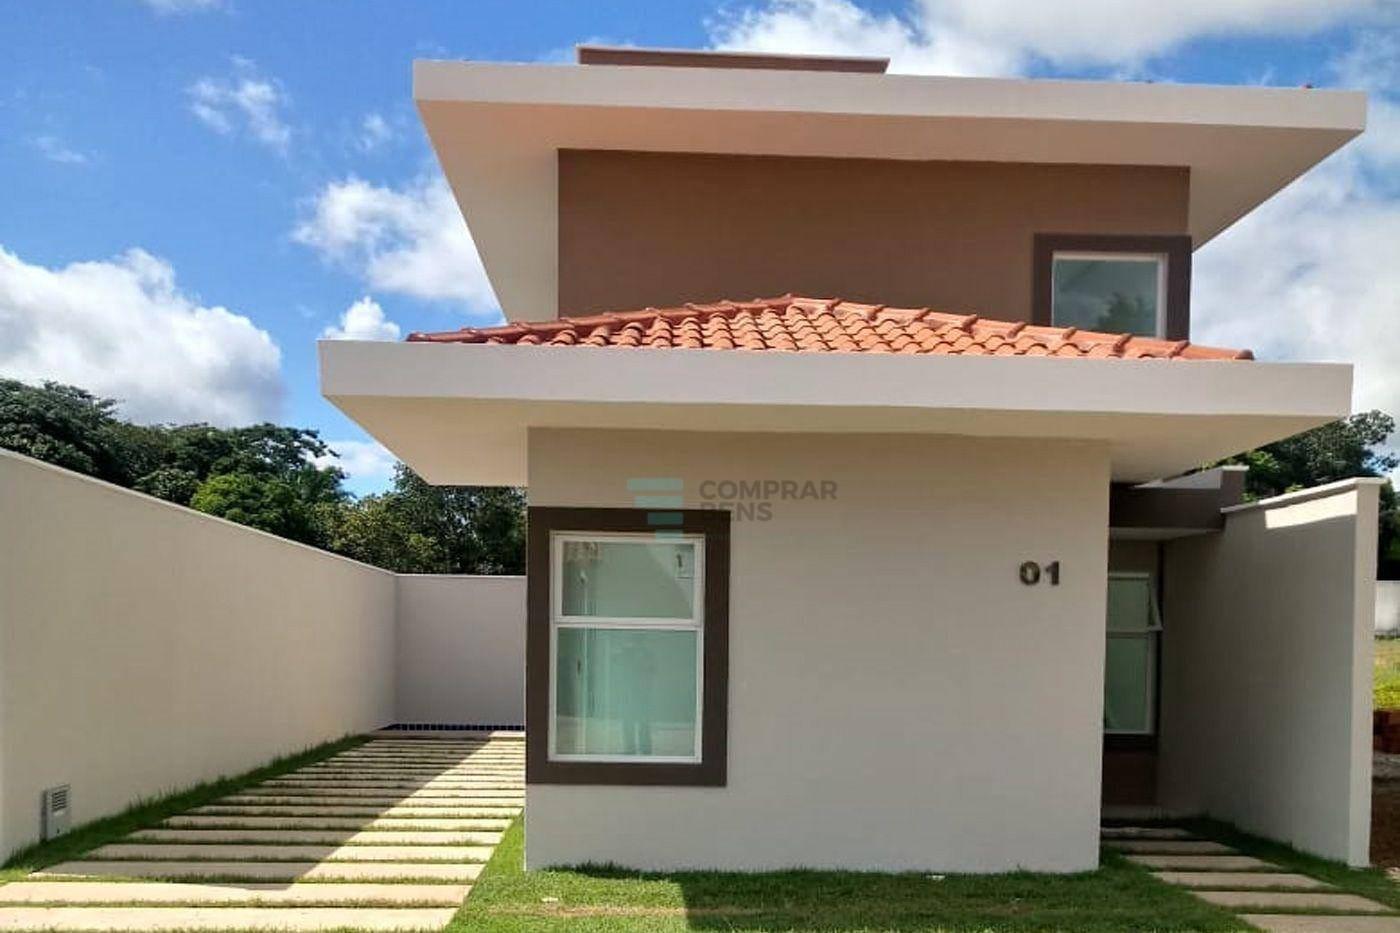 https://static.arboimoveis.com.br/CA0001_COMPRA/casa-com-dormitorios-a-venda-m-por-r-todos-os-santos-teresinapi1624612651199tlbhc.jpg